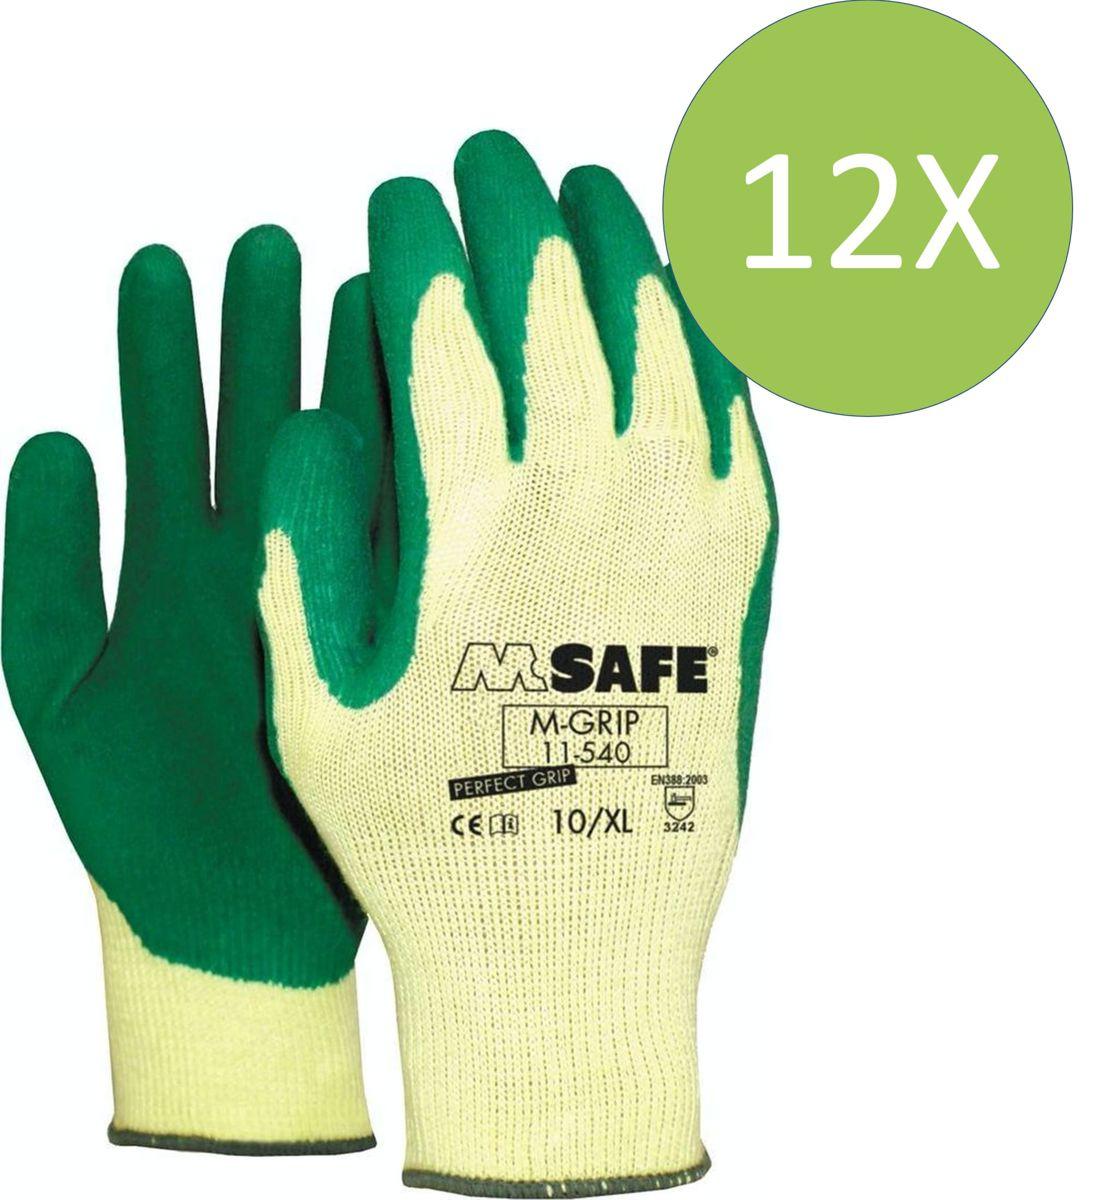 M-grip handschoen 11-540 - 8 - 12 paar